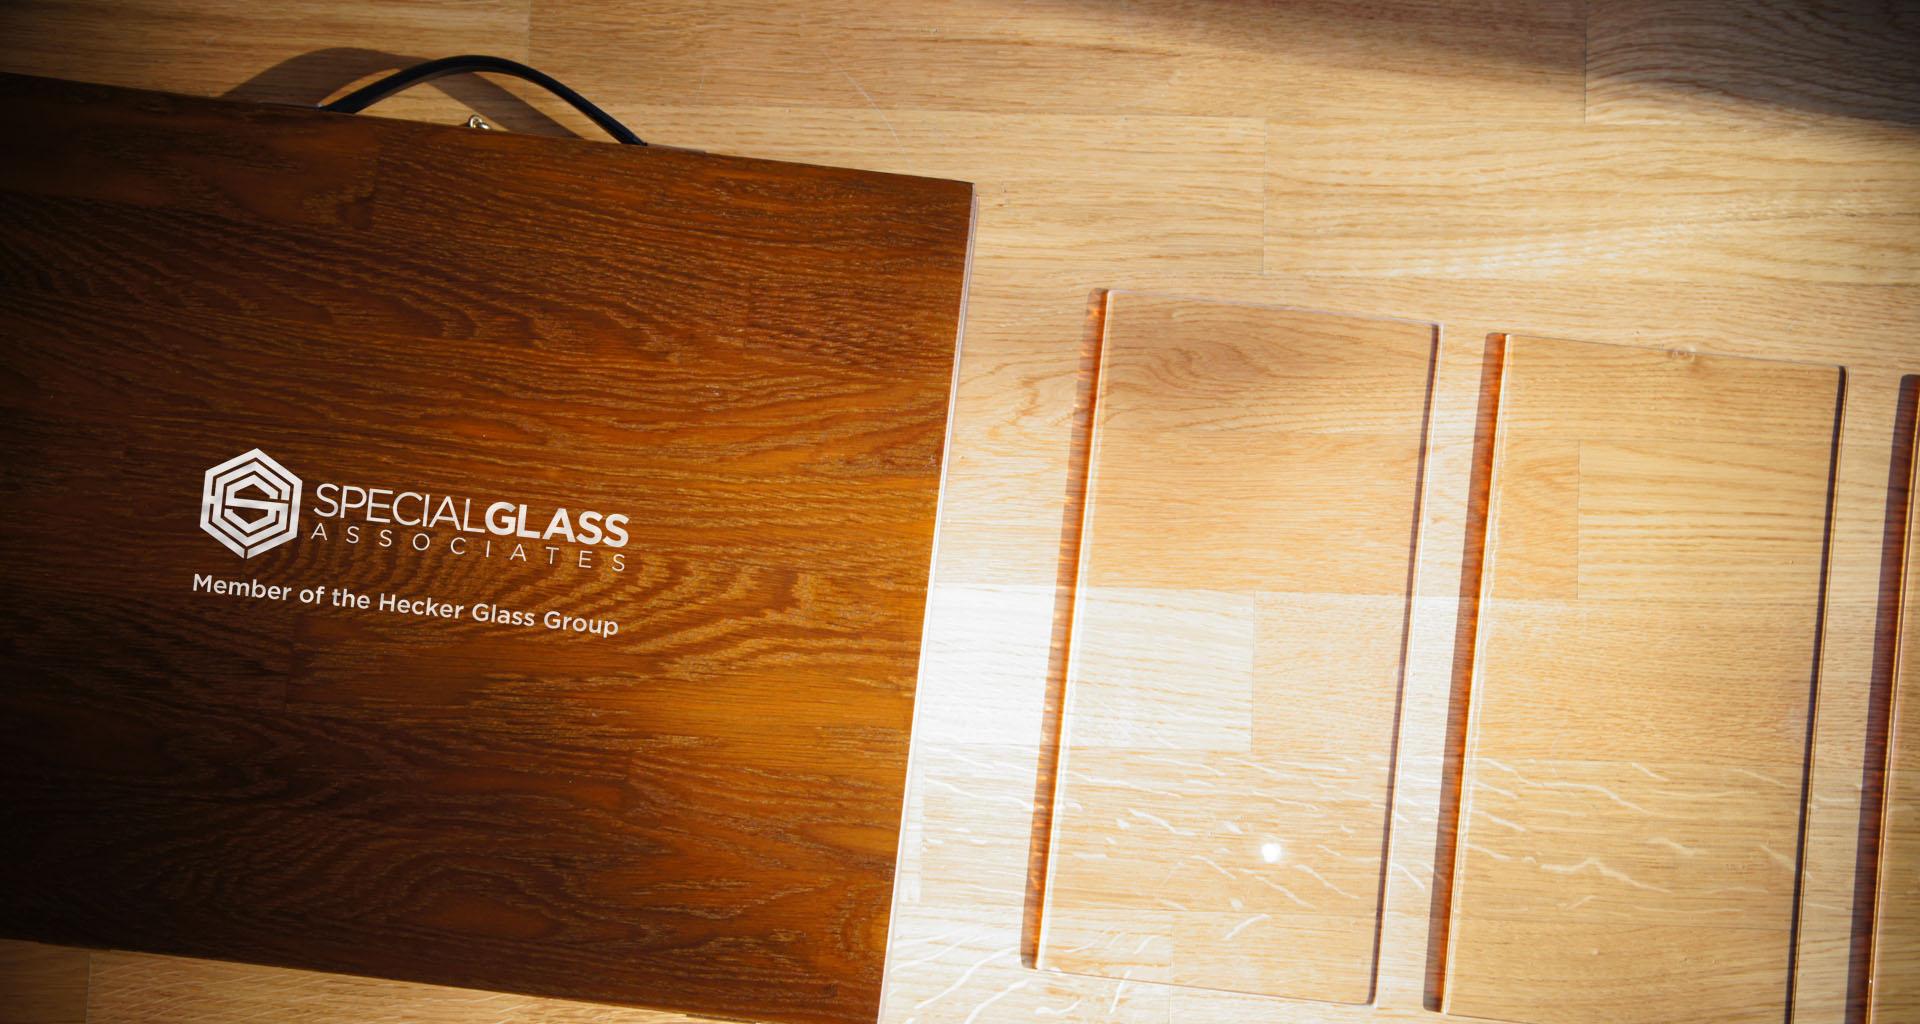 Special Glass Associates